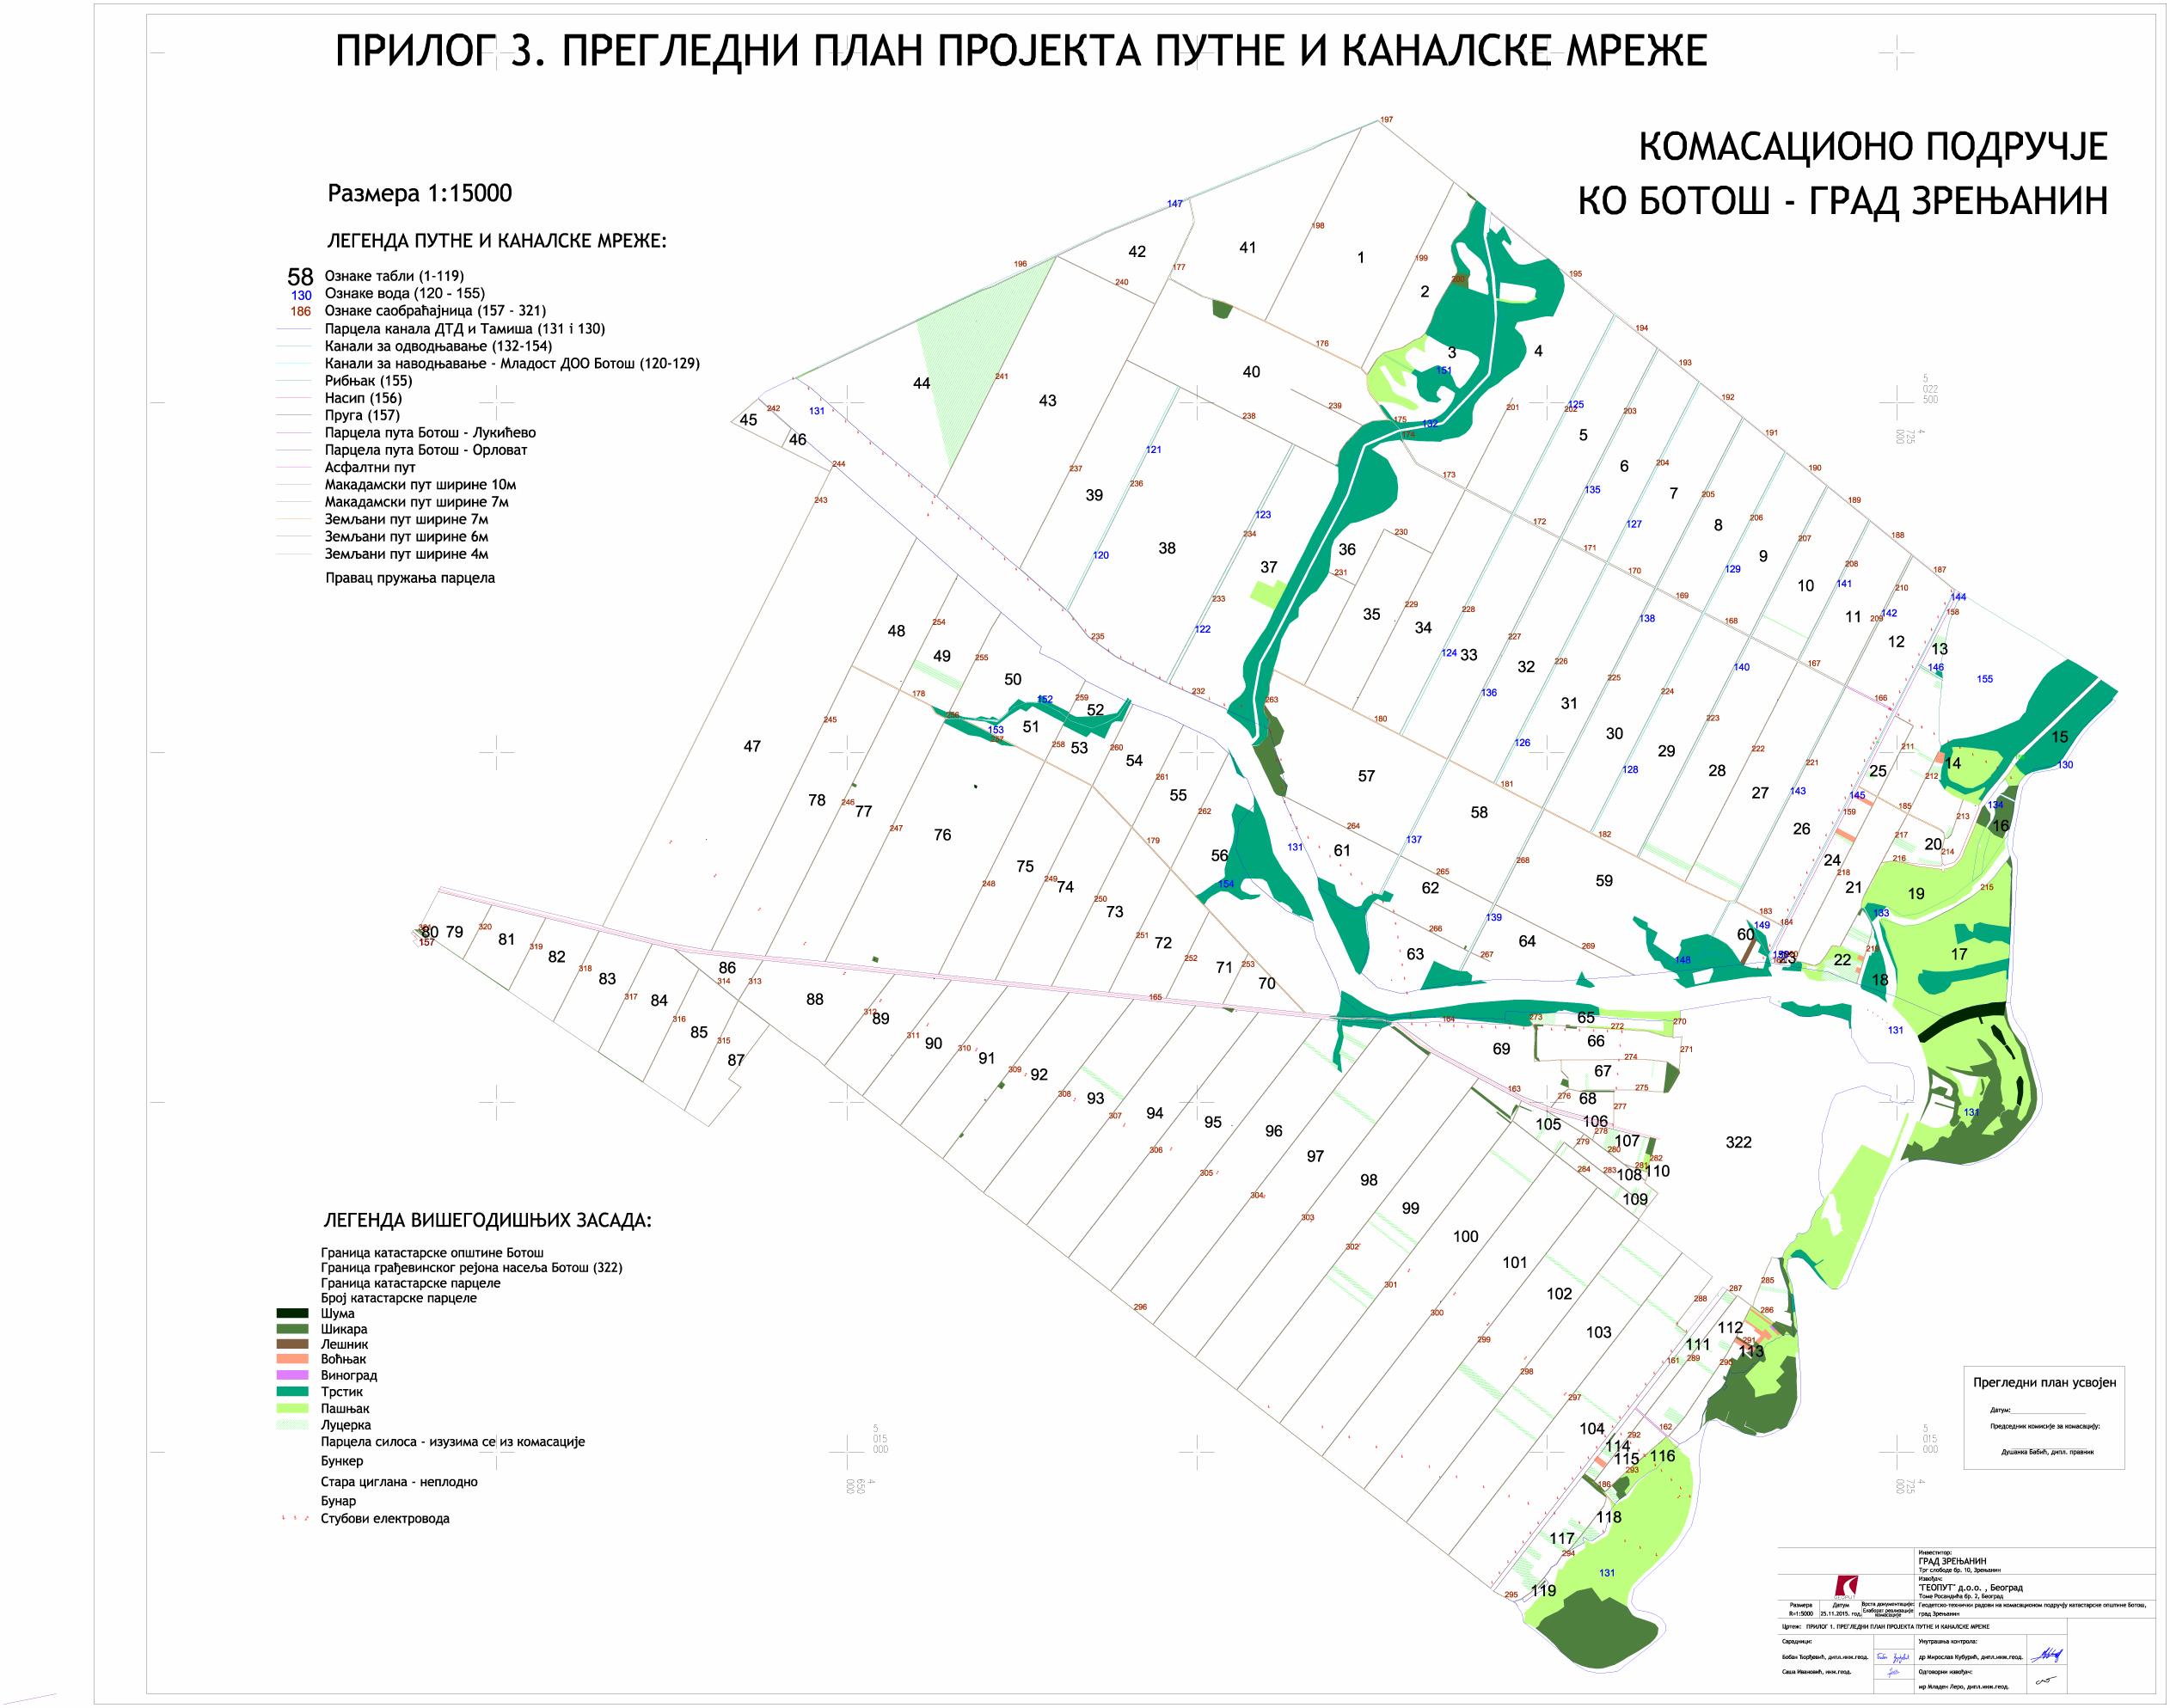 Pregledni plan putne i kanalski mreze_Glavni projekat-15000